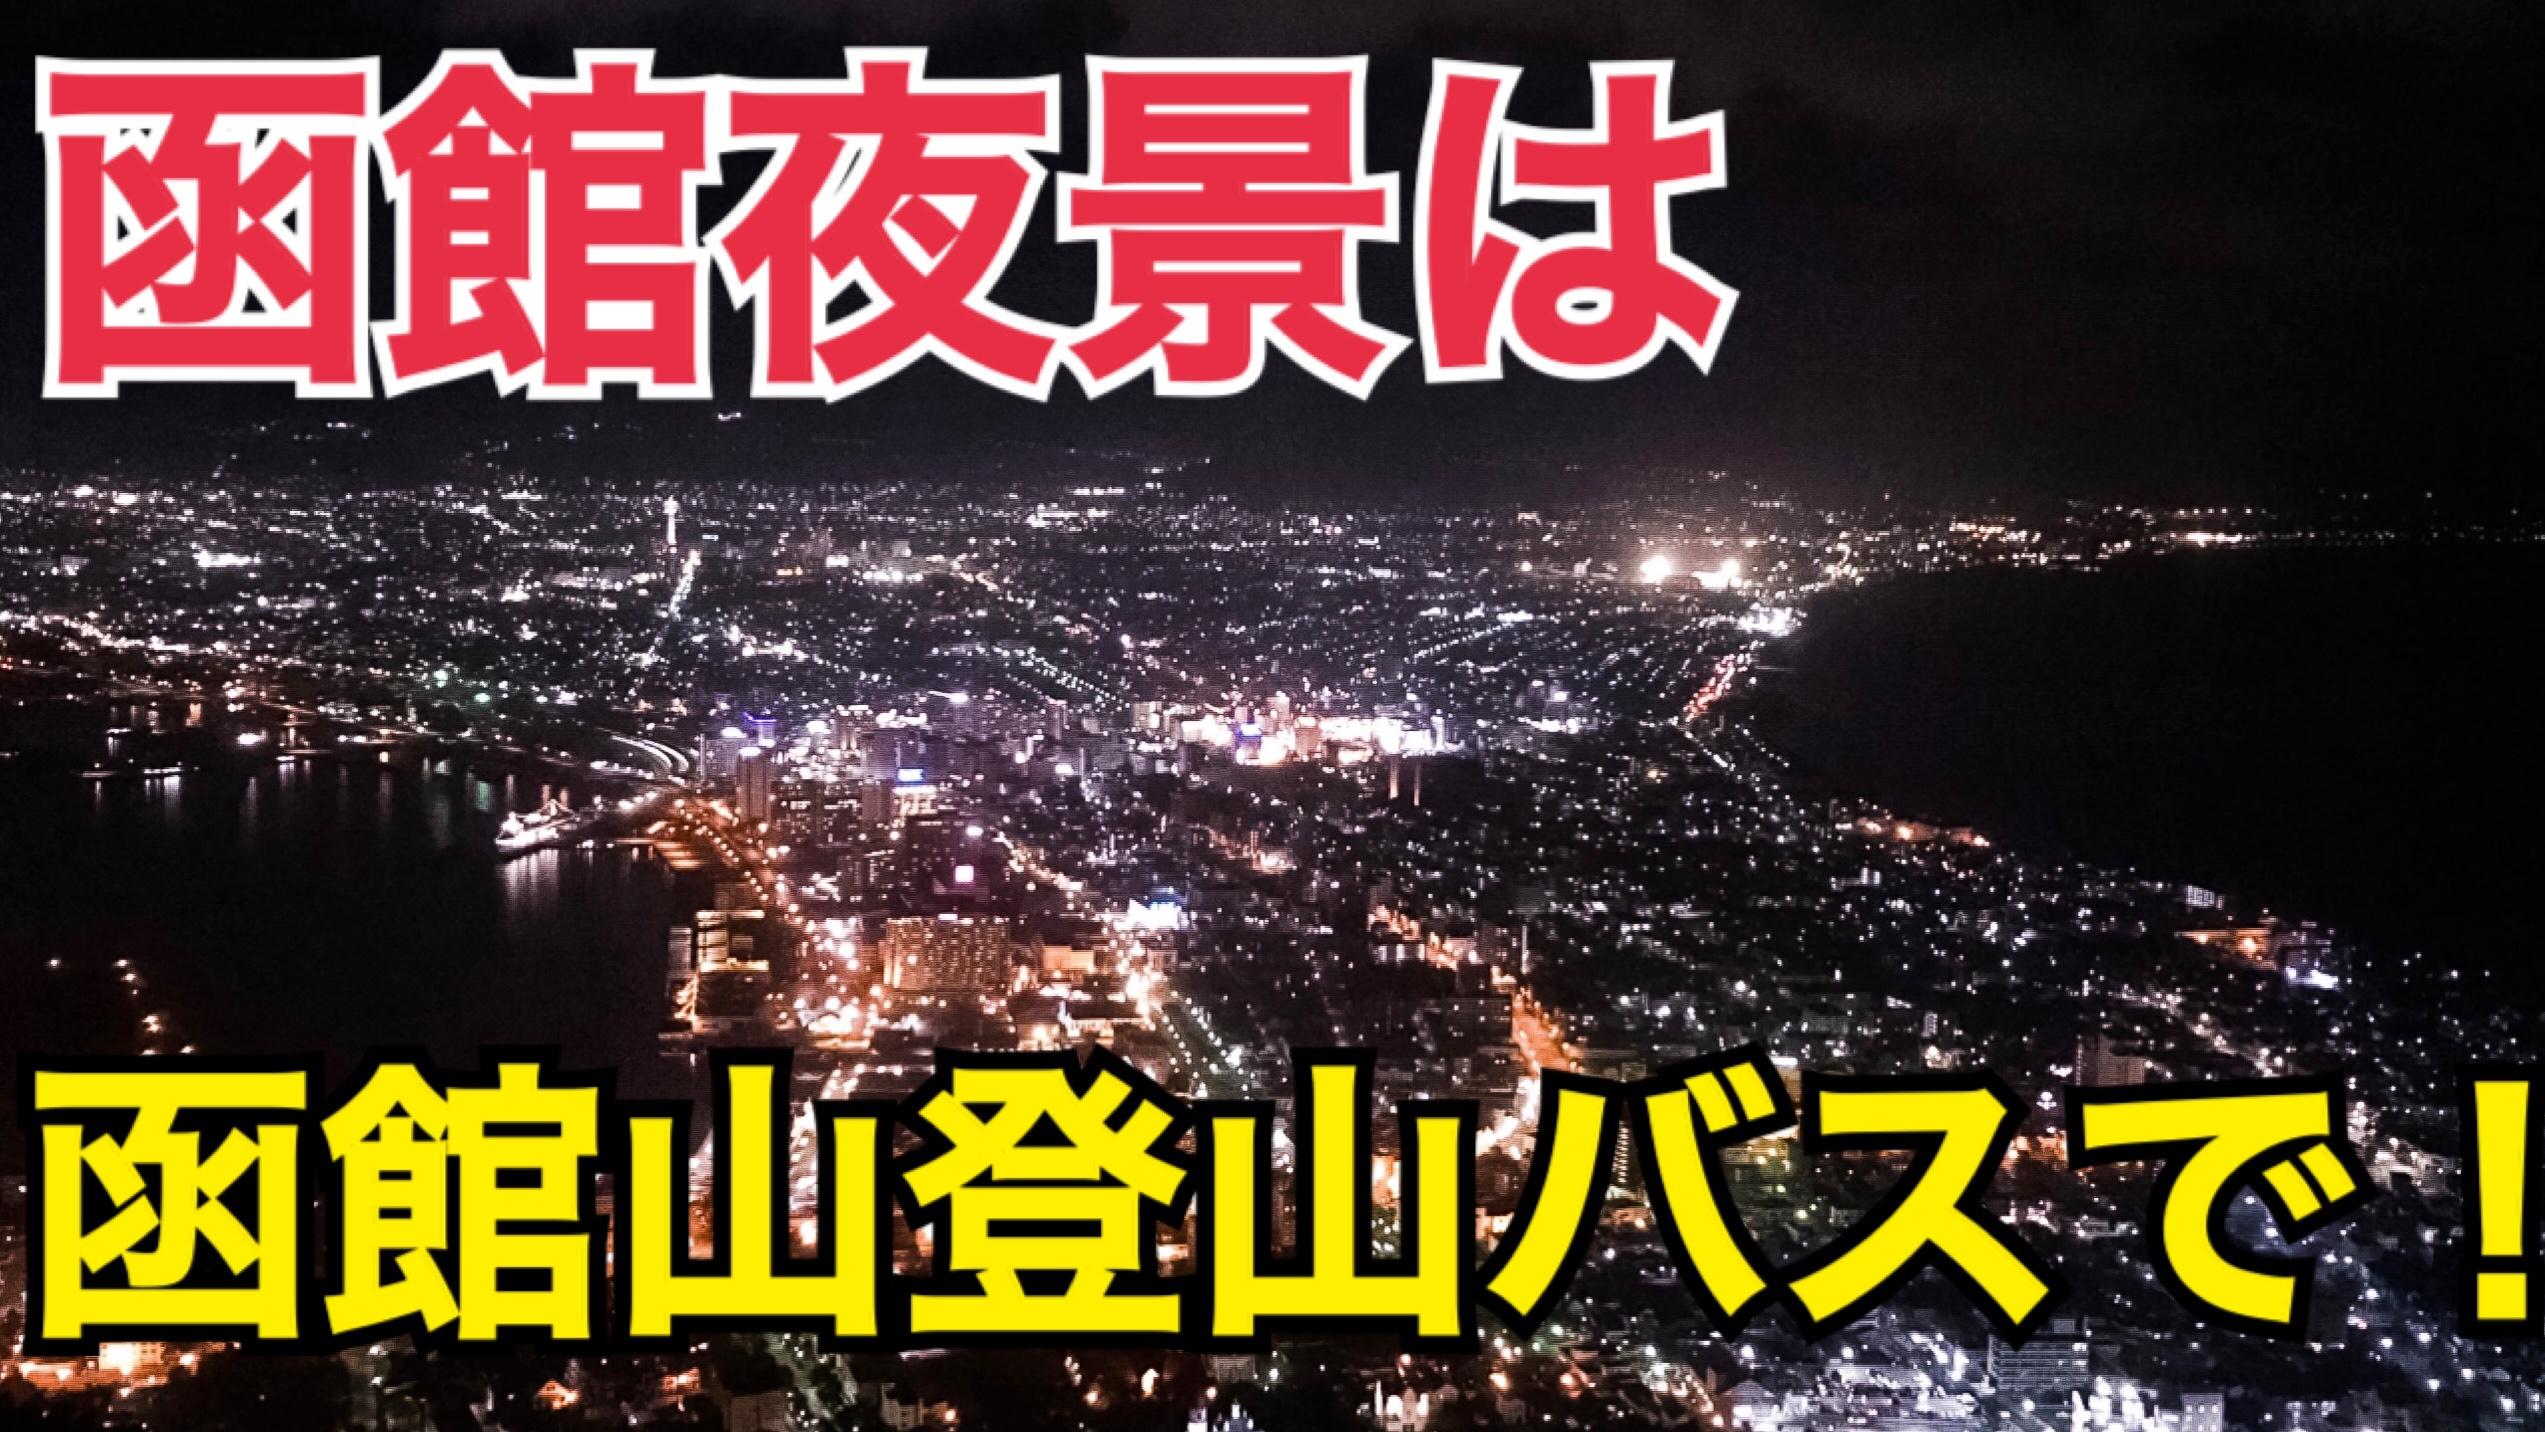 函館の夜景を見るには「函館山登山バス」がおすすめ!日本一とも称される函館山の夜景を楽しもう!【北海道東日本パスの旅2020】